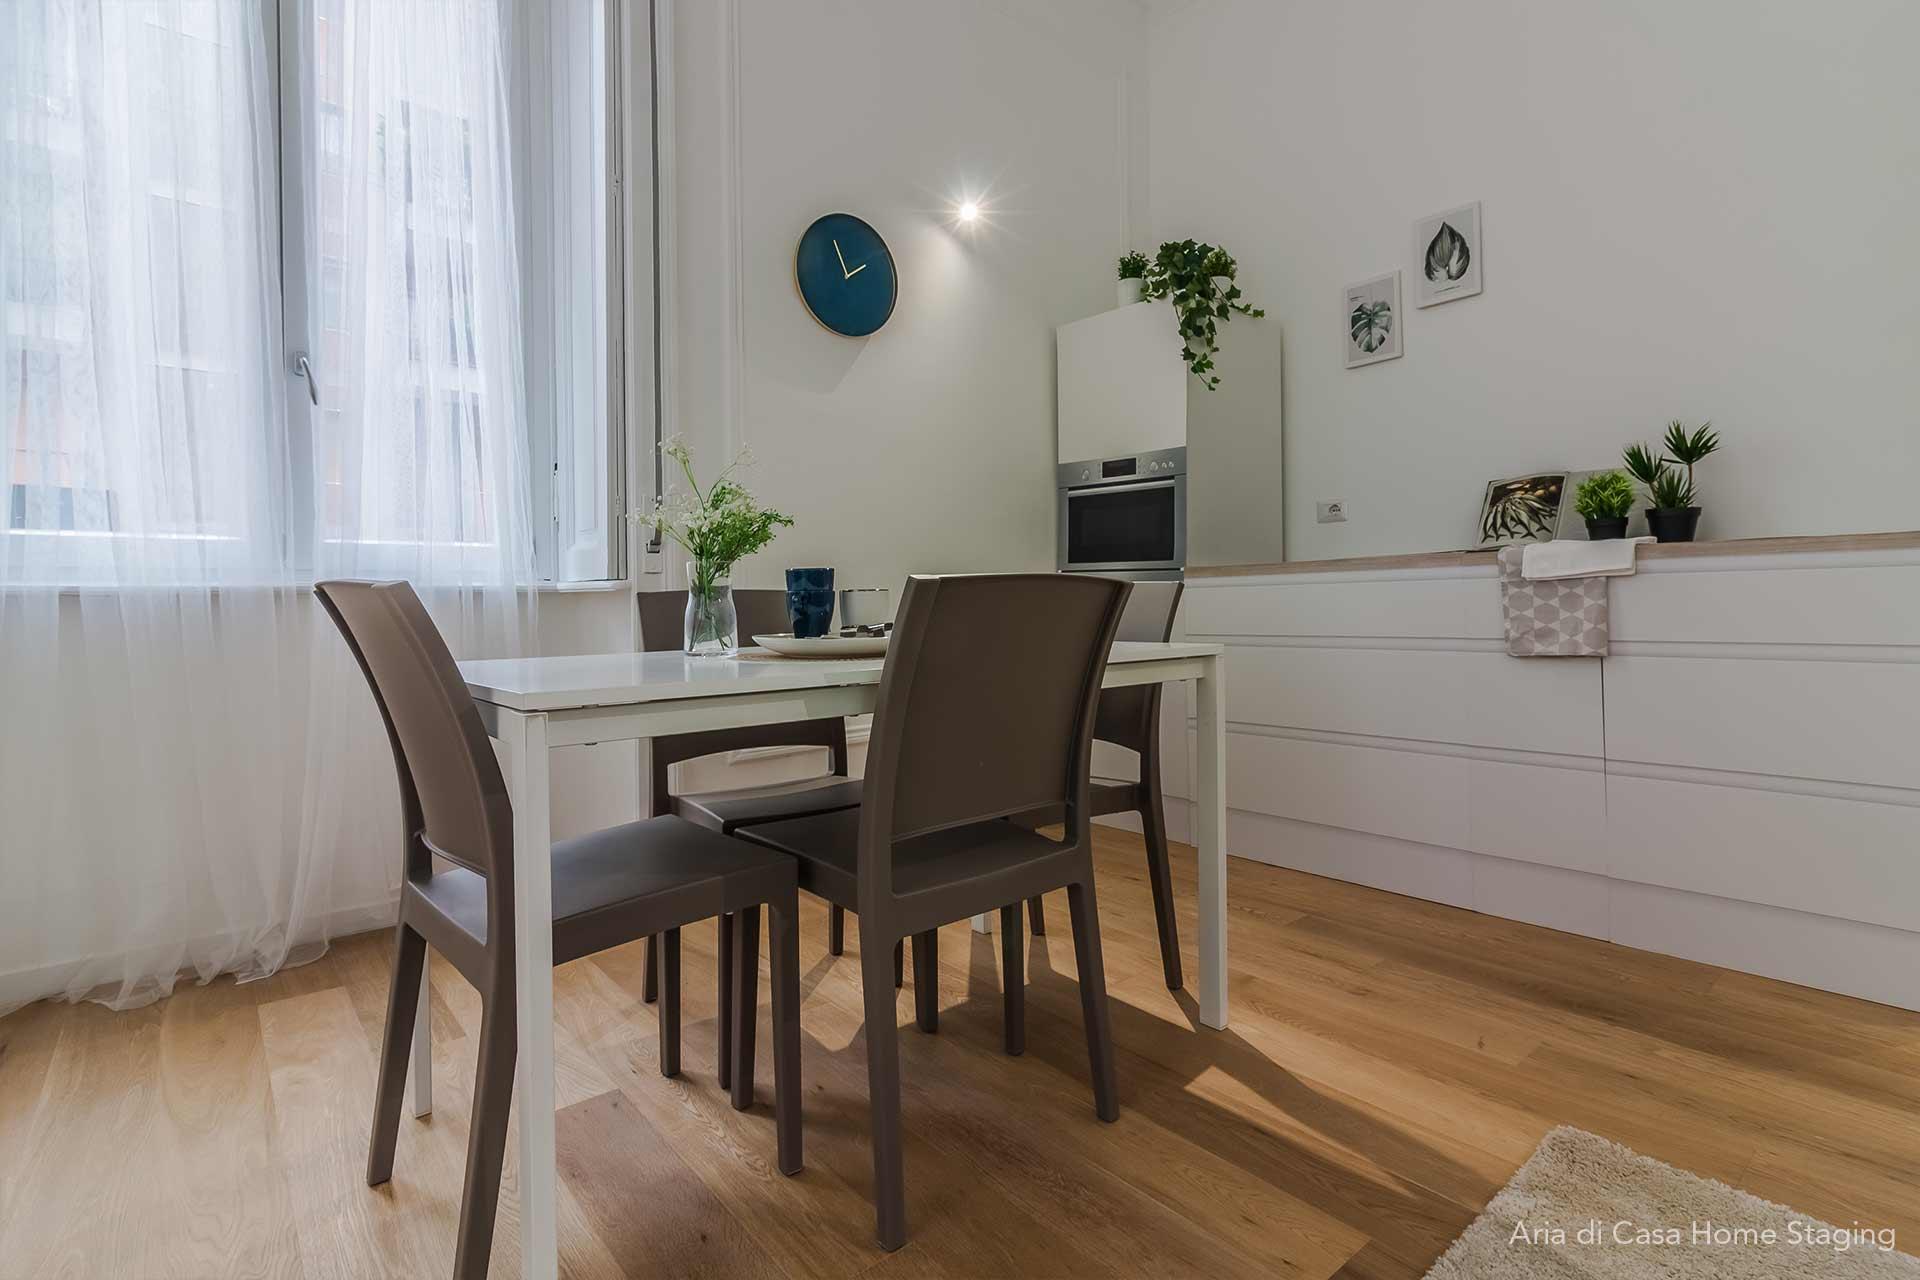 Aria di Casa Home Staging: la prima impressione è quella che conta.